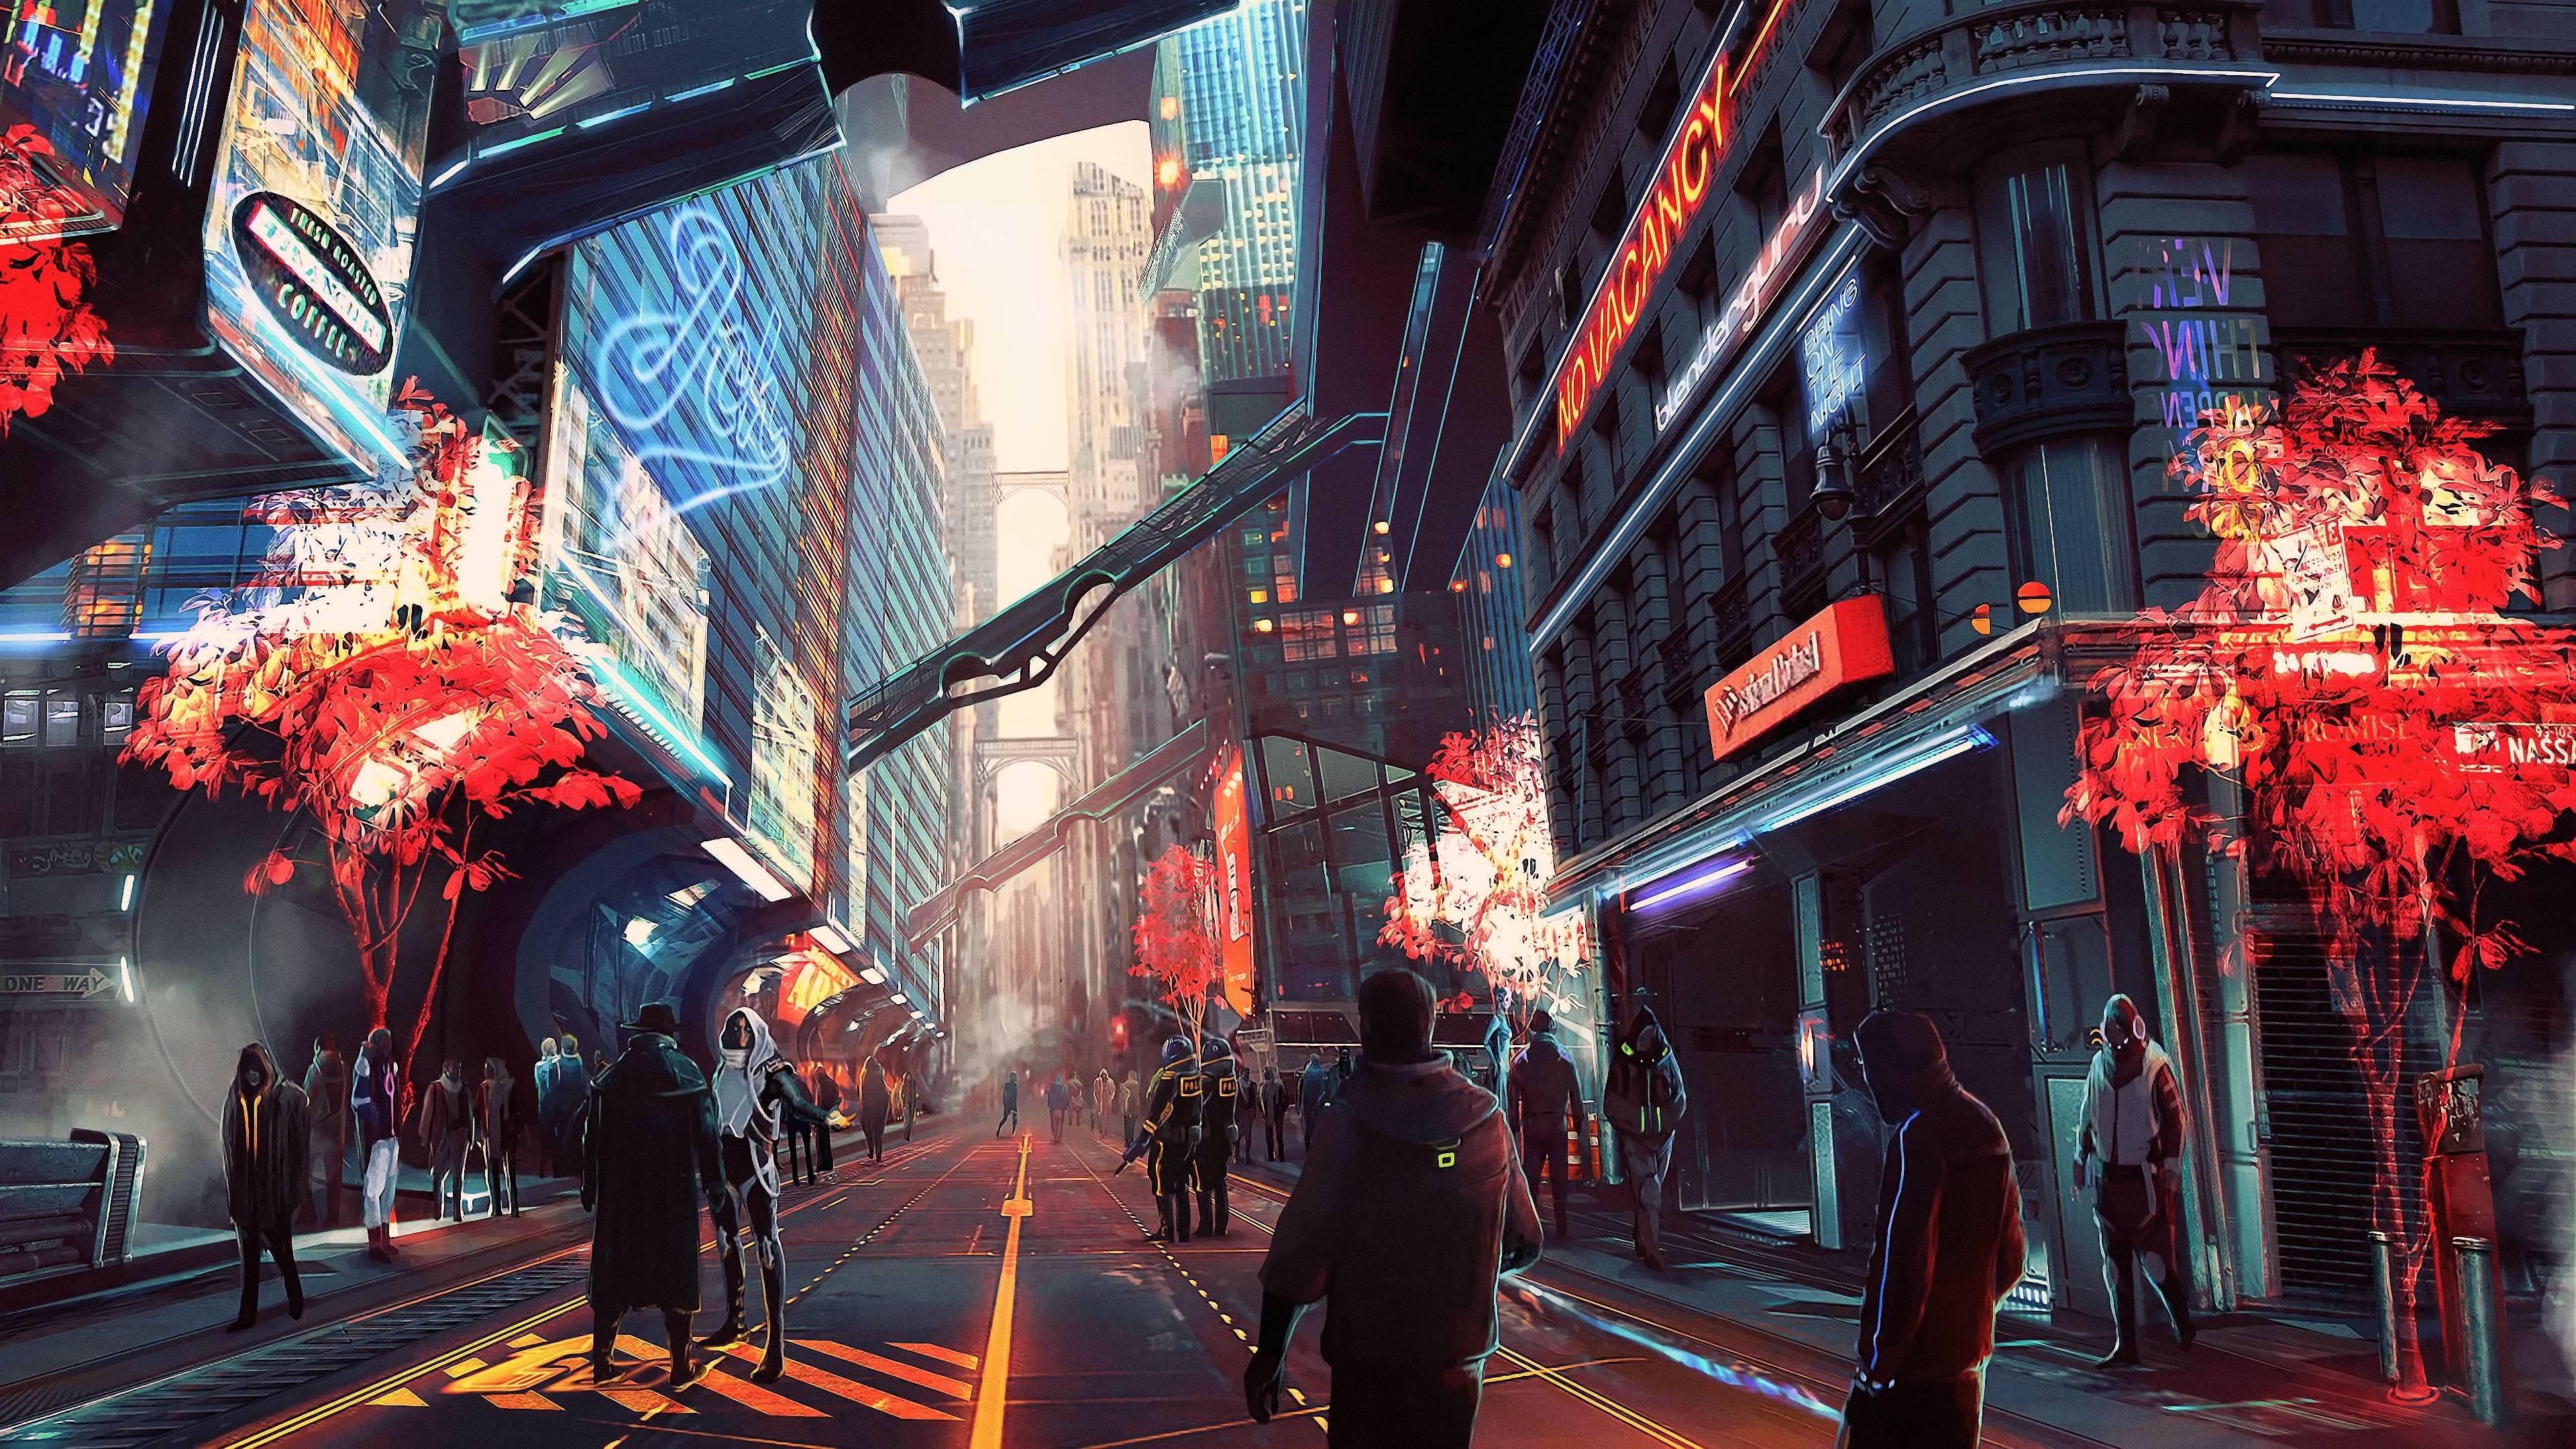 Cyberpunk 2077 City Wallpaper: Cyberpunk Wallpapers 4k For Your Phone And Desktop Screen